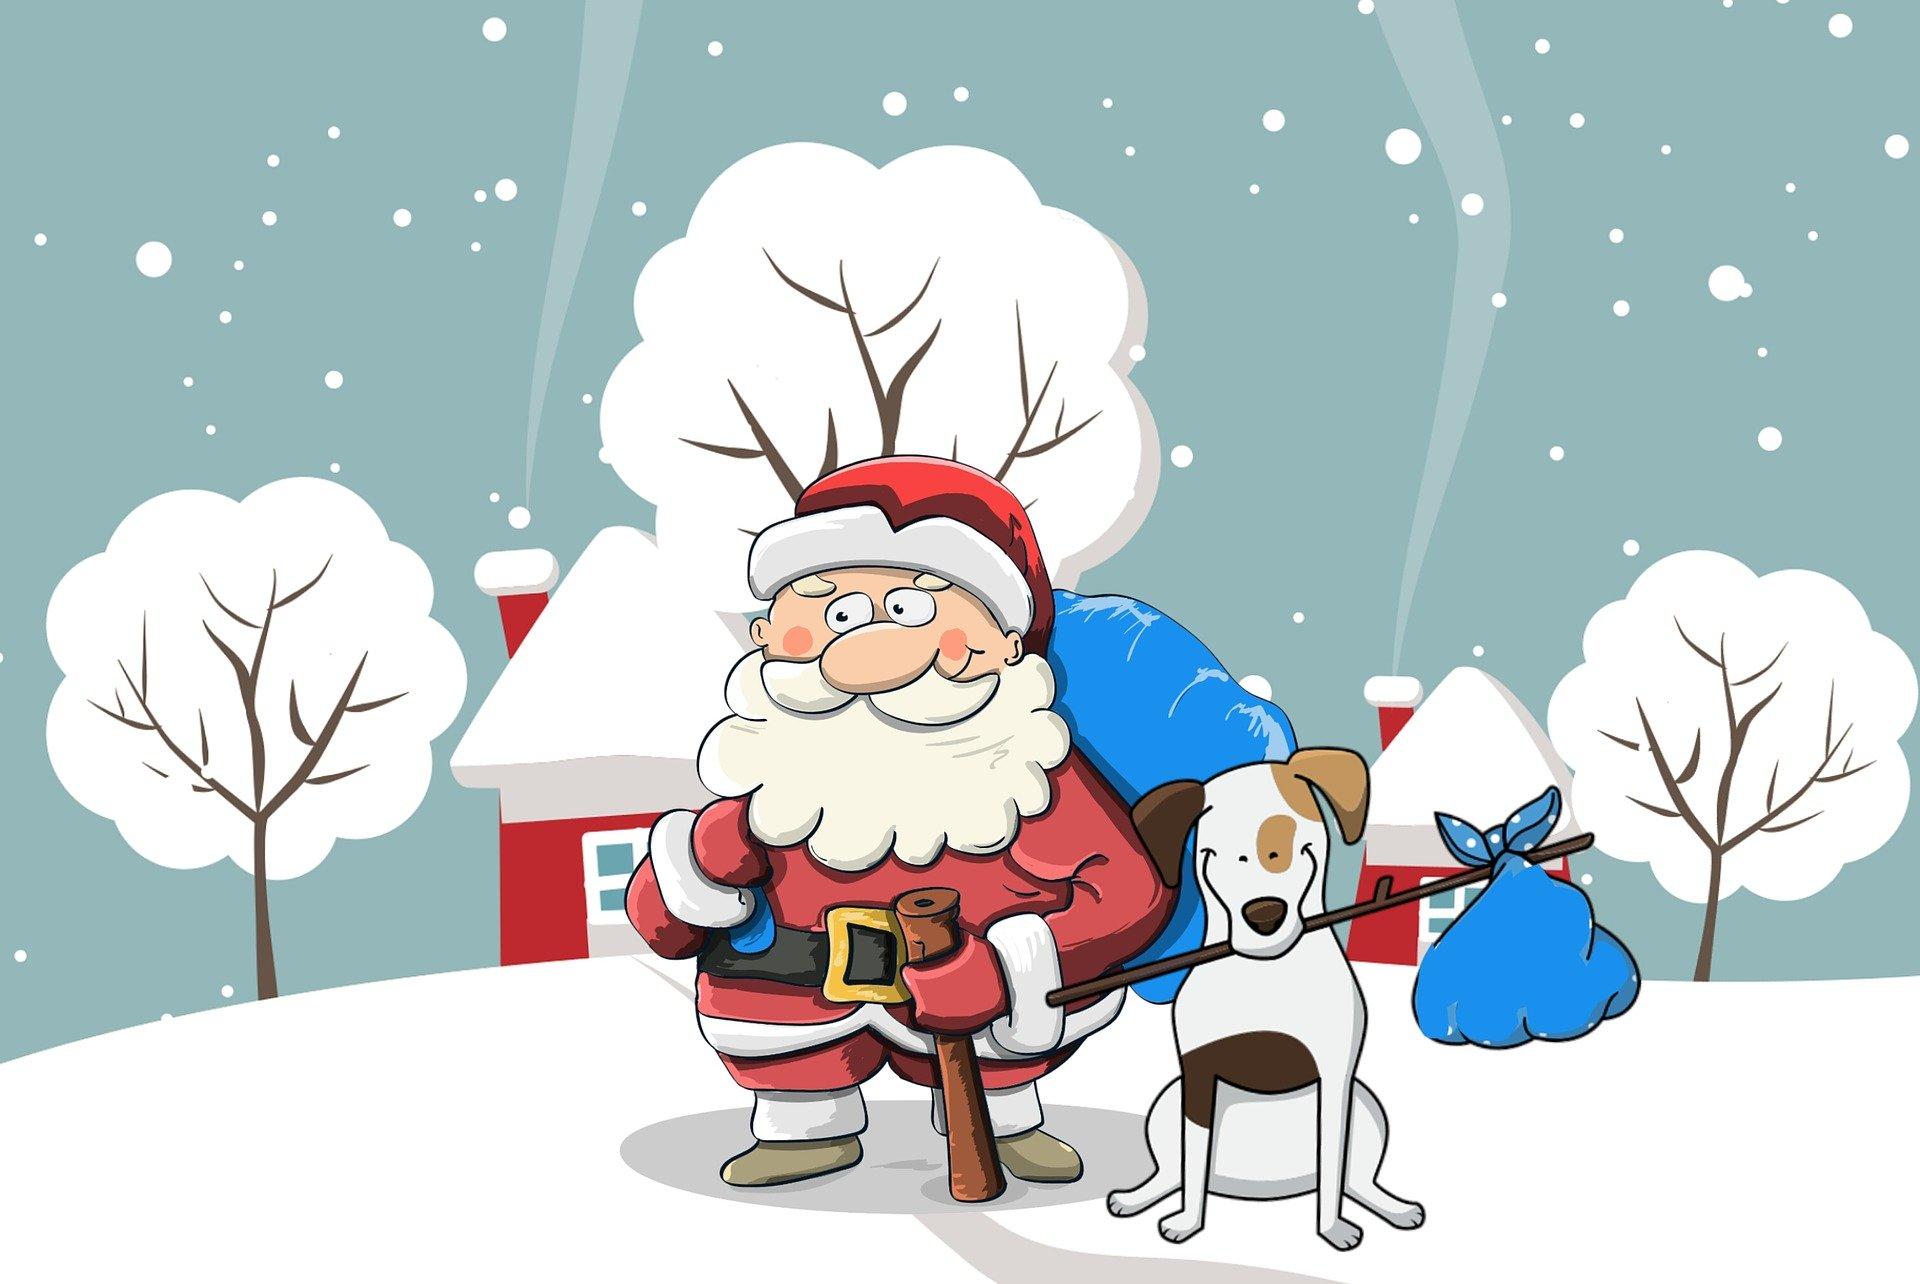 Дед Мороз поздравляет с Новым Годом